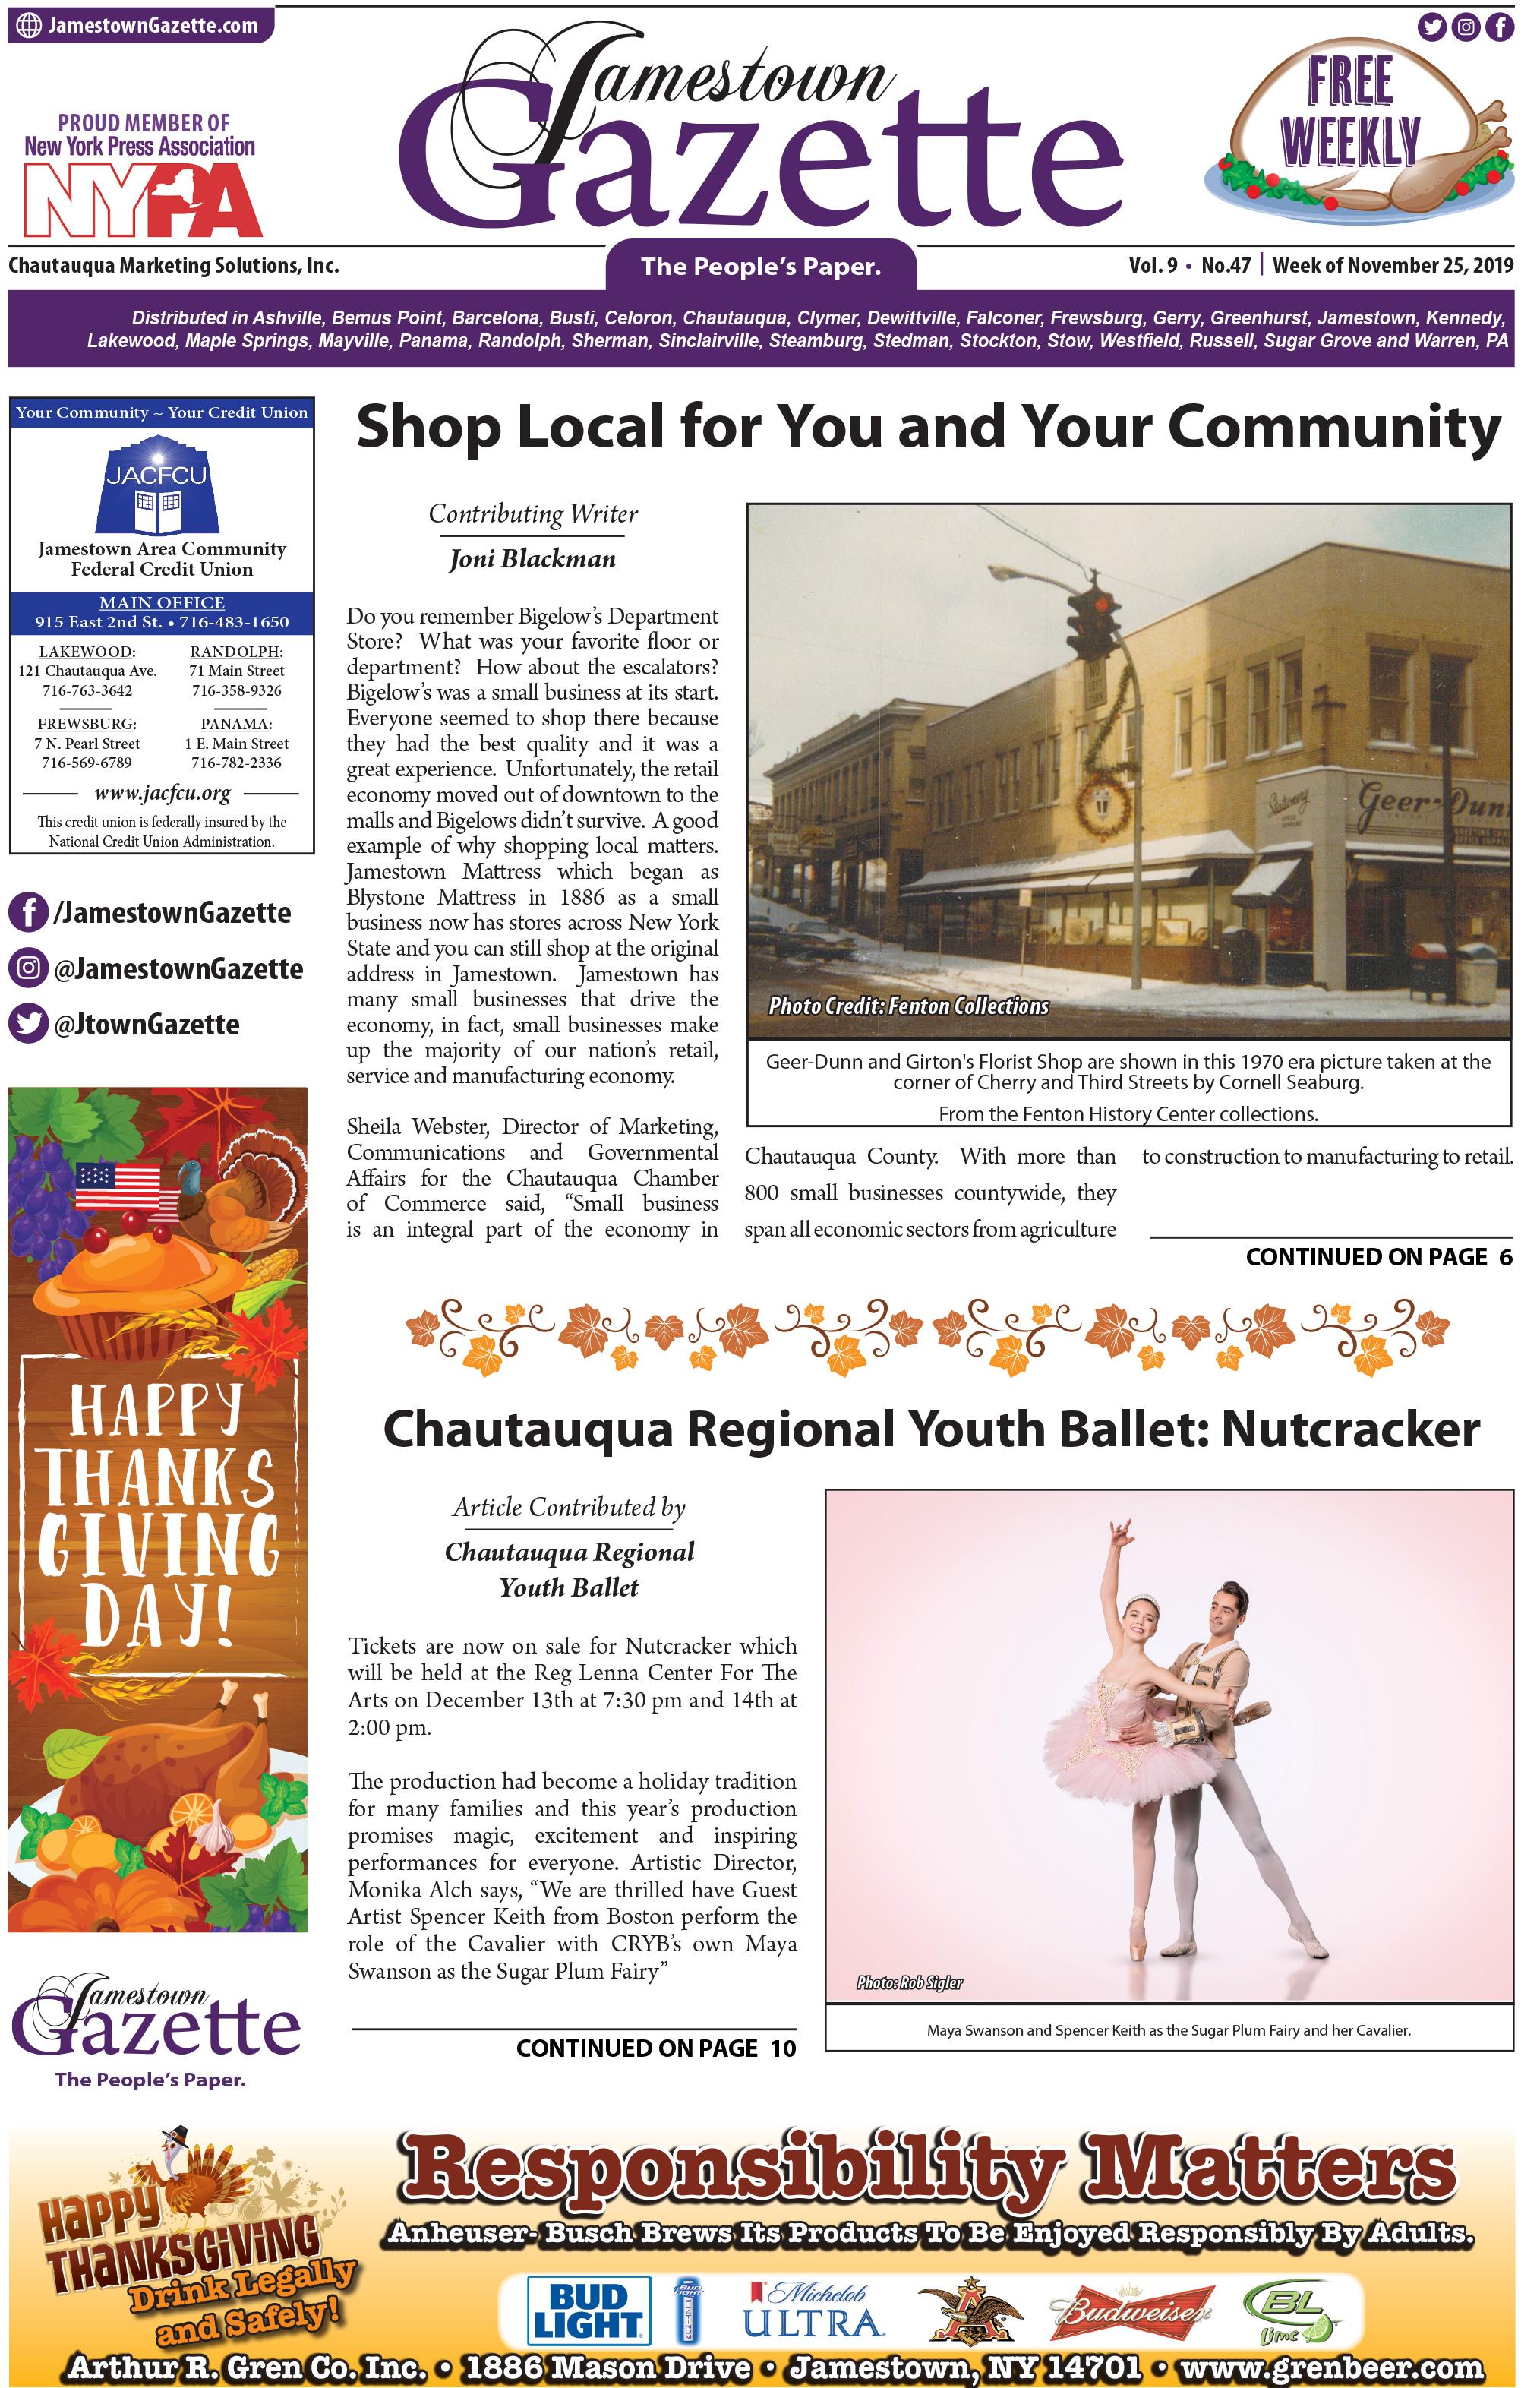 Front Page - Nov 25, 2019